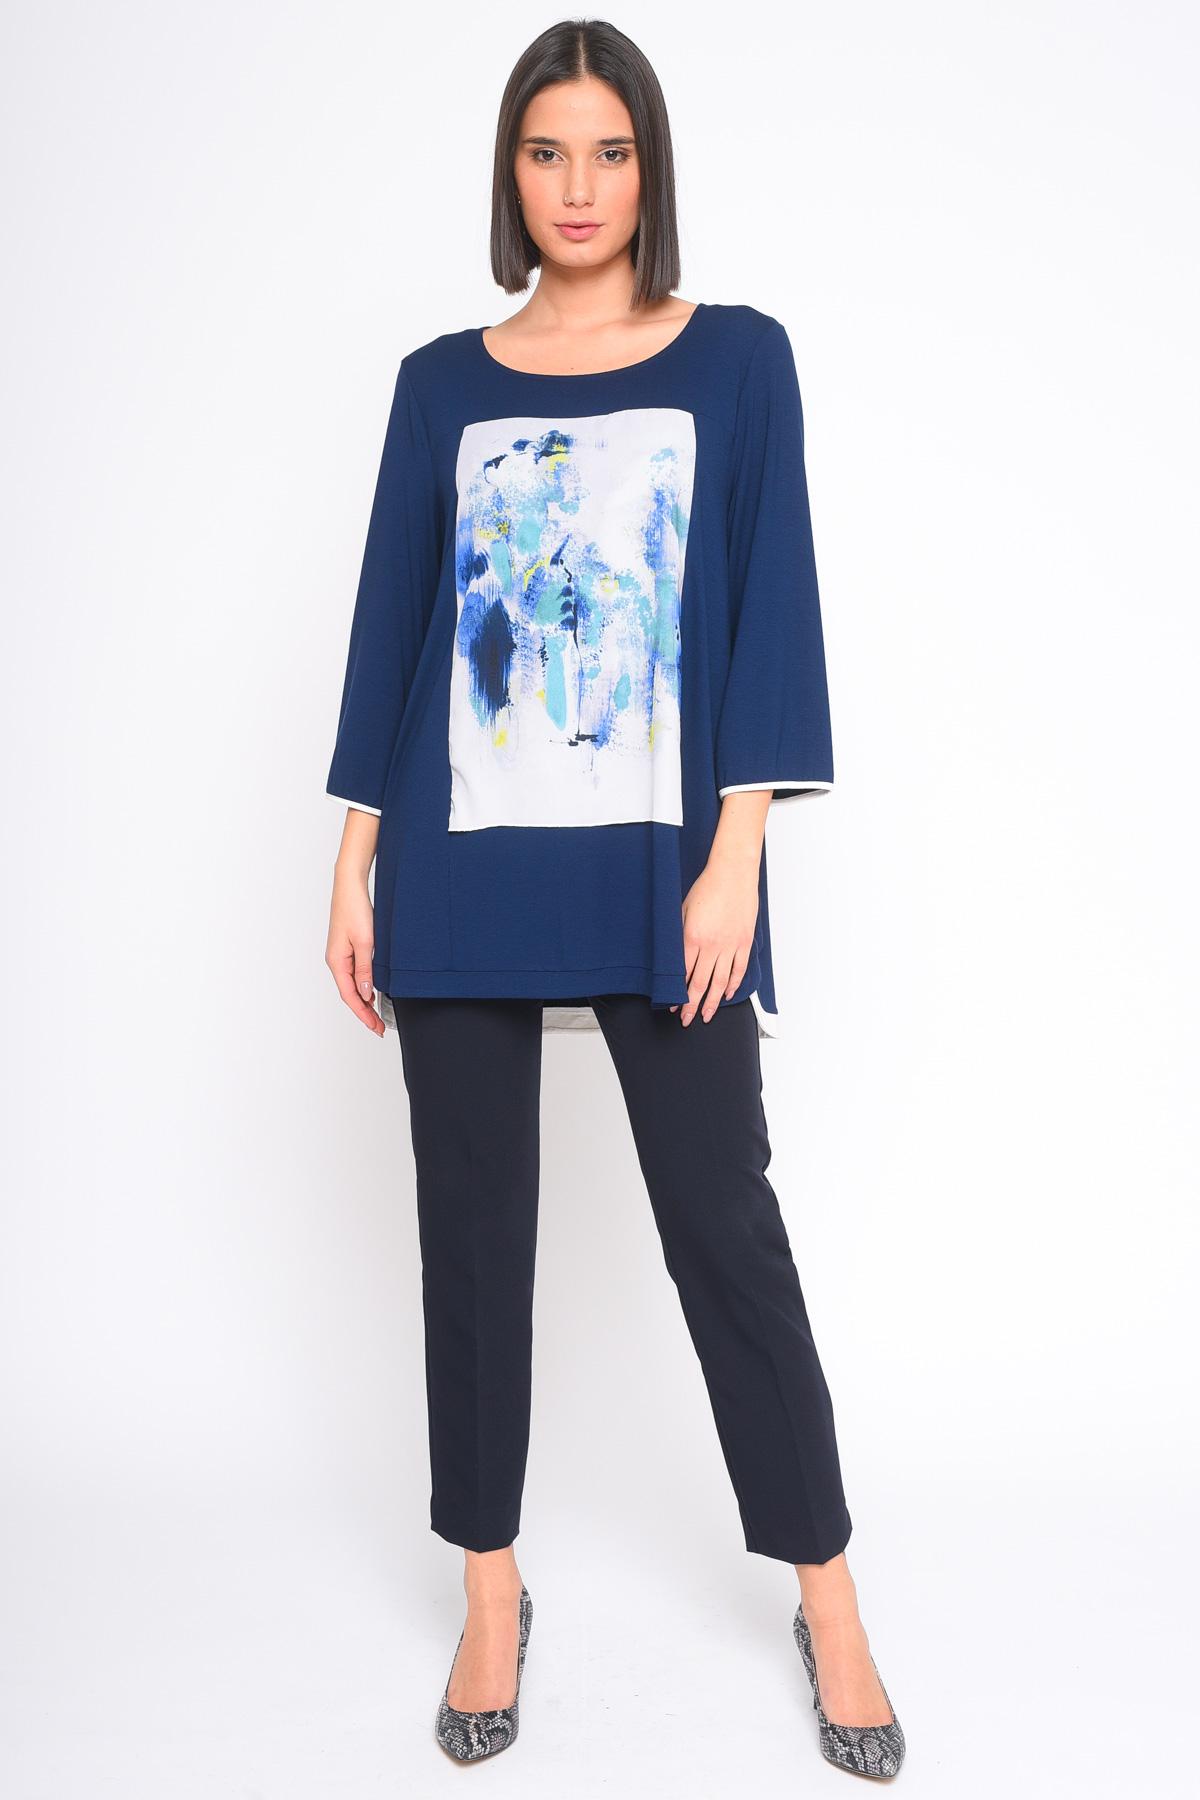 MAGLIA CON STAMPA ACQUARELLO for women - BLUE - Paquito Pronto Moda Shop Online